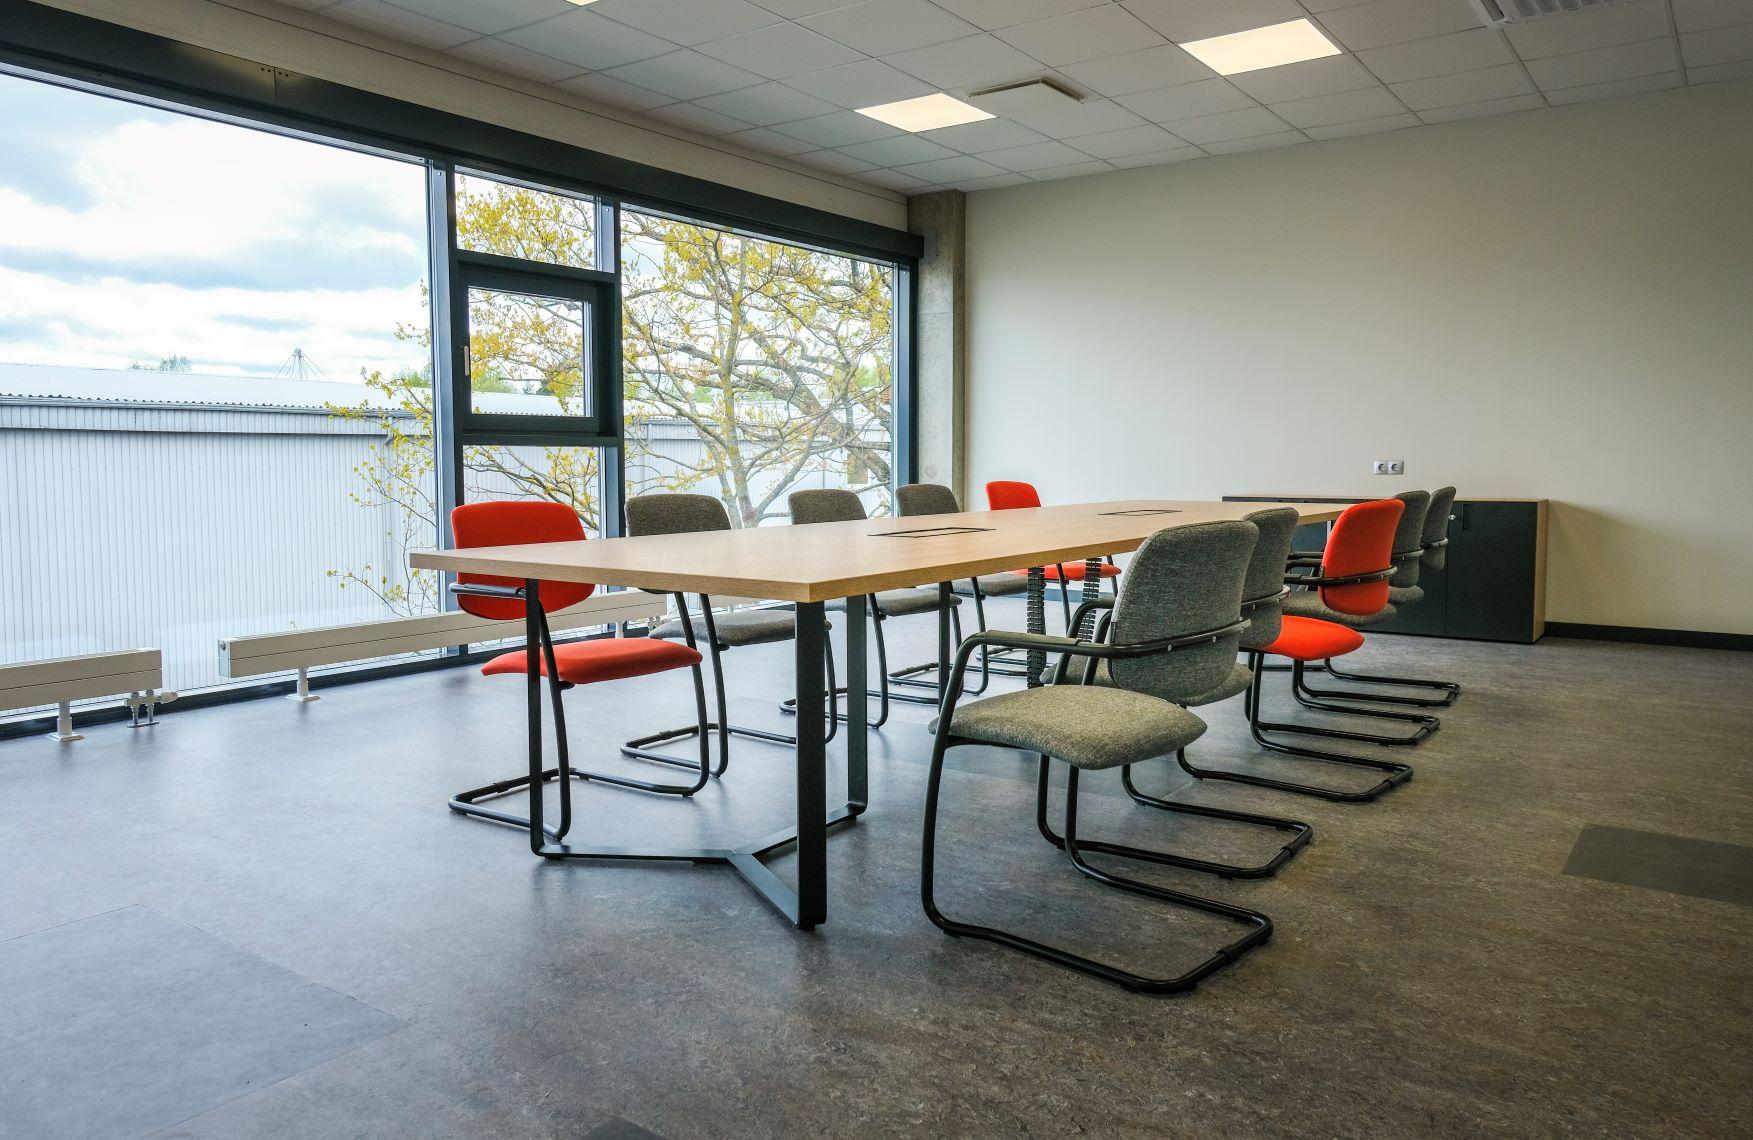 Konferenču telpa, kas ierīkota izmantojot Narbutas biroja mēbeles